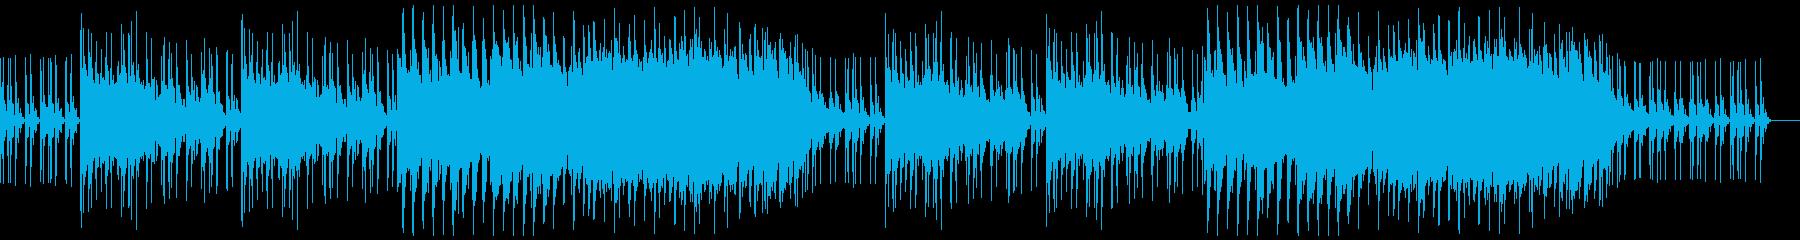 レトロゲーム風BGM(テクノポップ風)の再生済みの波形